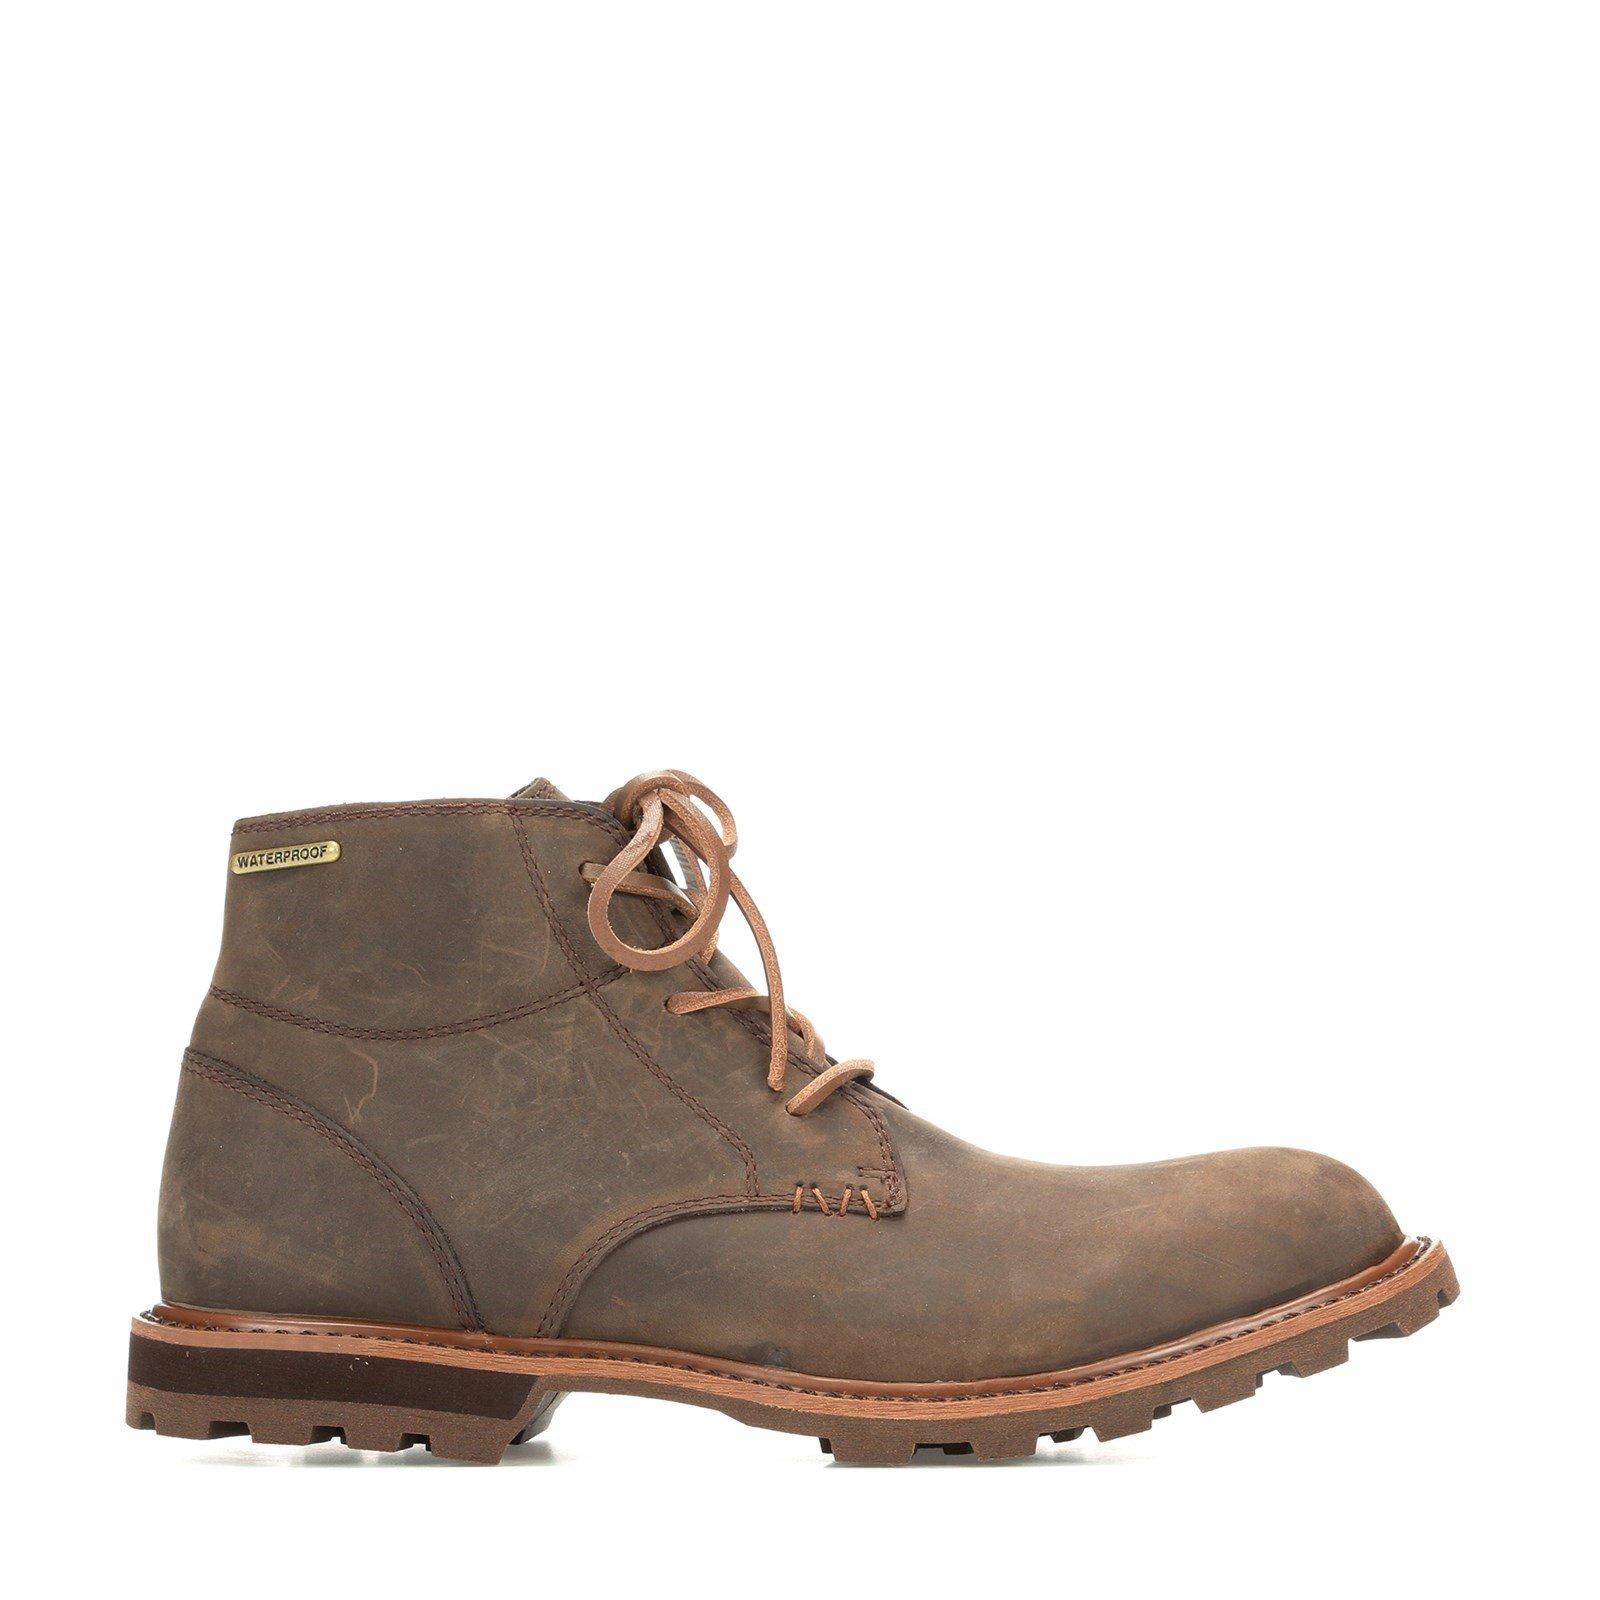 Muck Boots Men's Freeman Boot 31761 - Brown 9